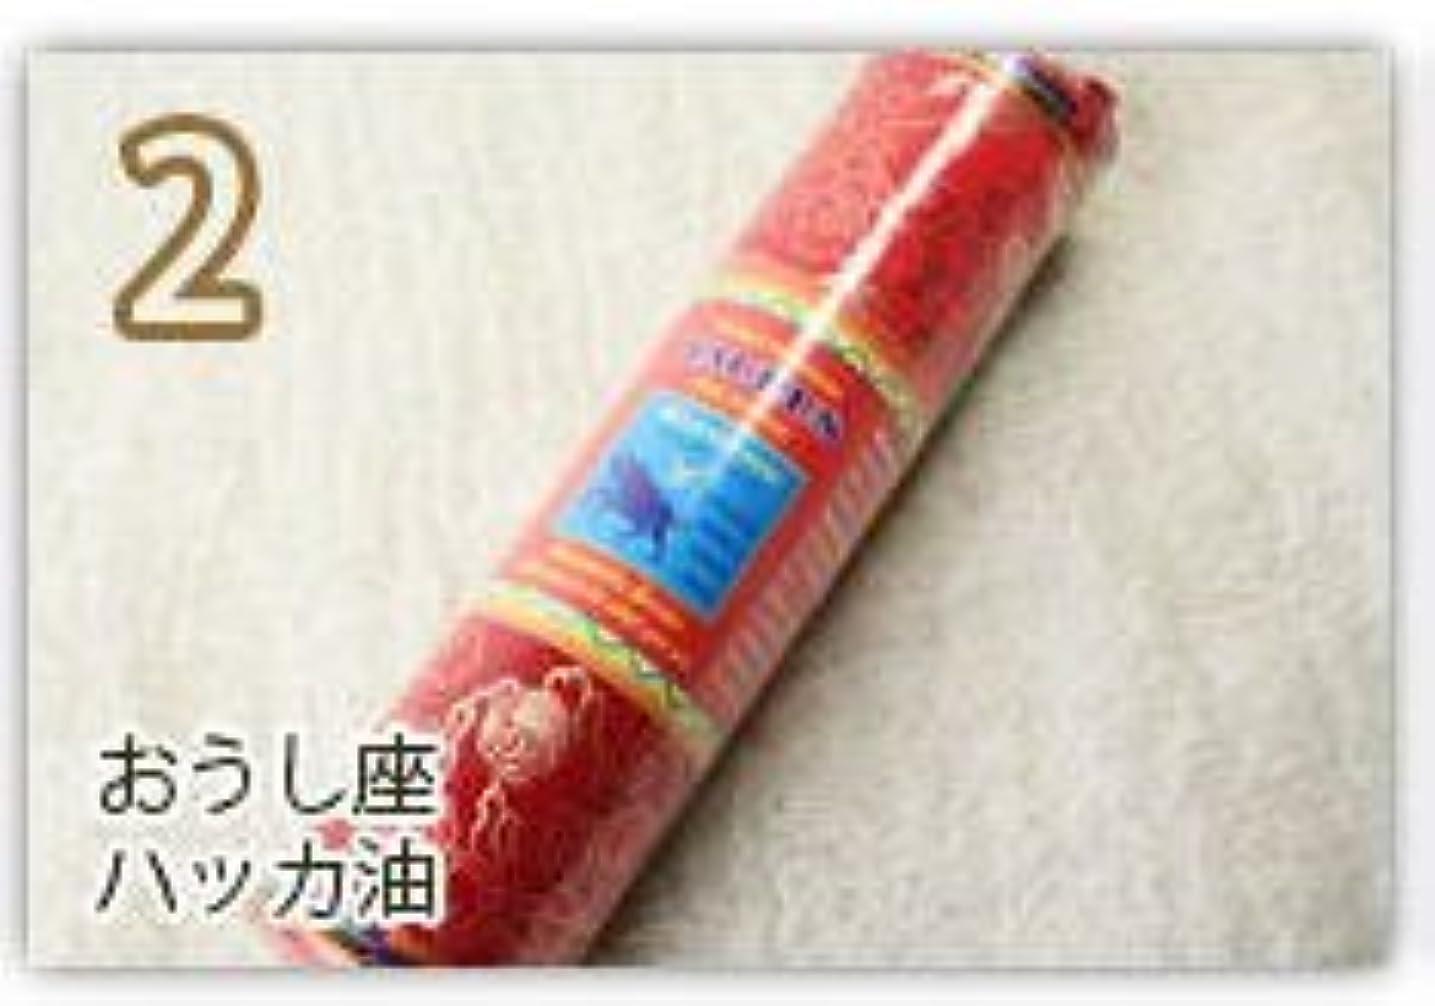 指ポーン指12星座別に香りを配合したネパール製お香 ホロスコープインセンス (2.Taurus (おうし座))